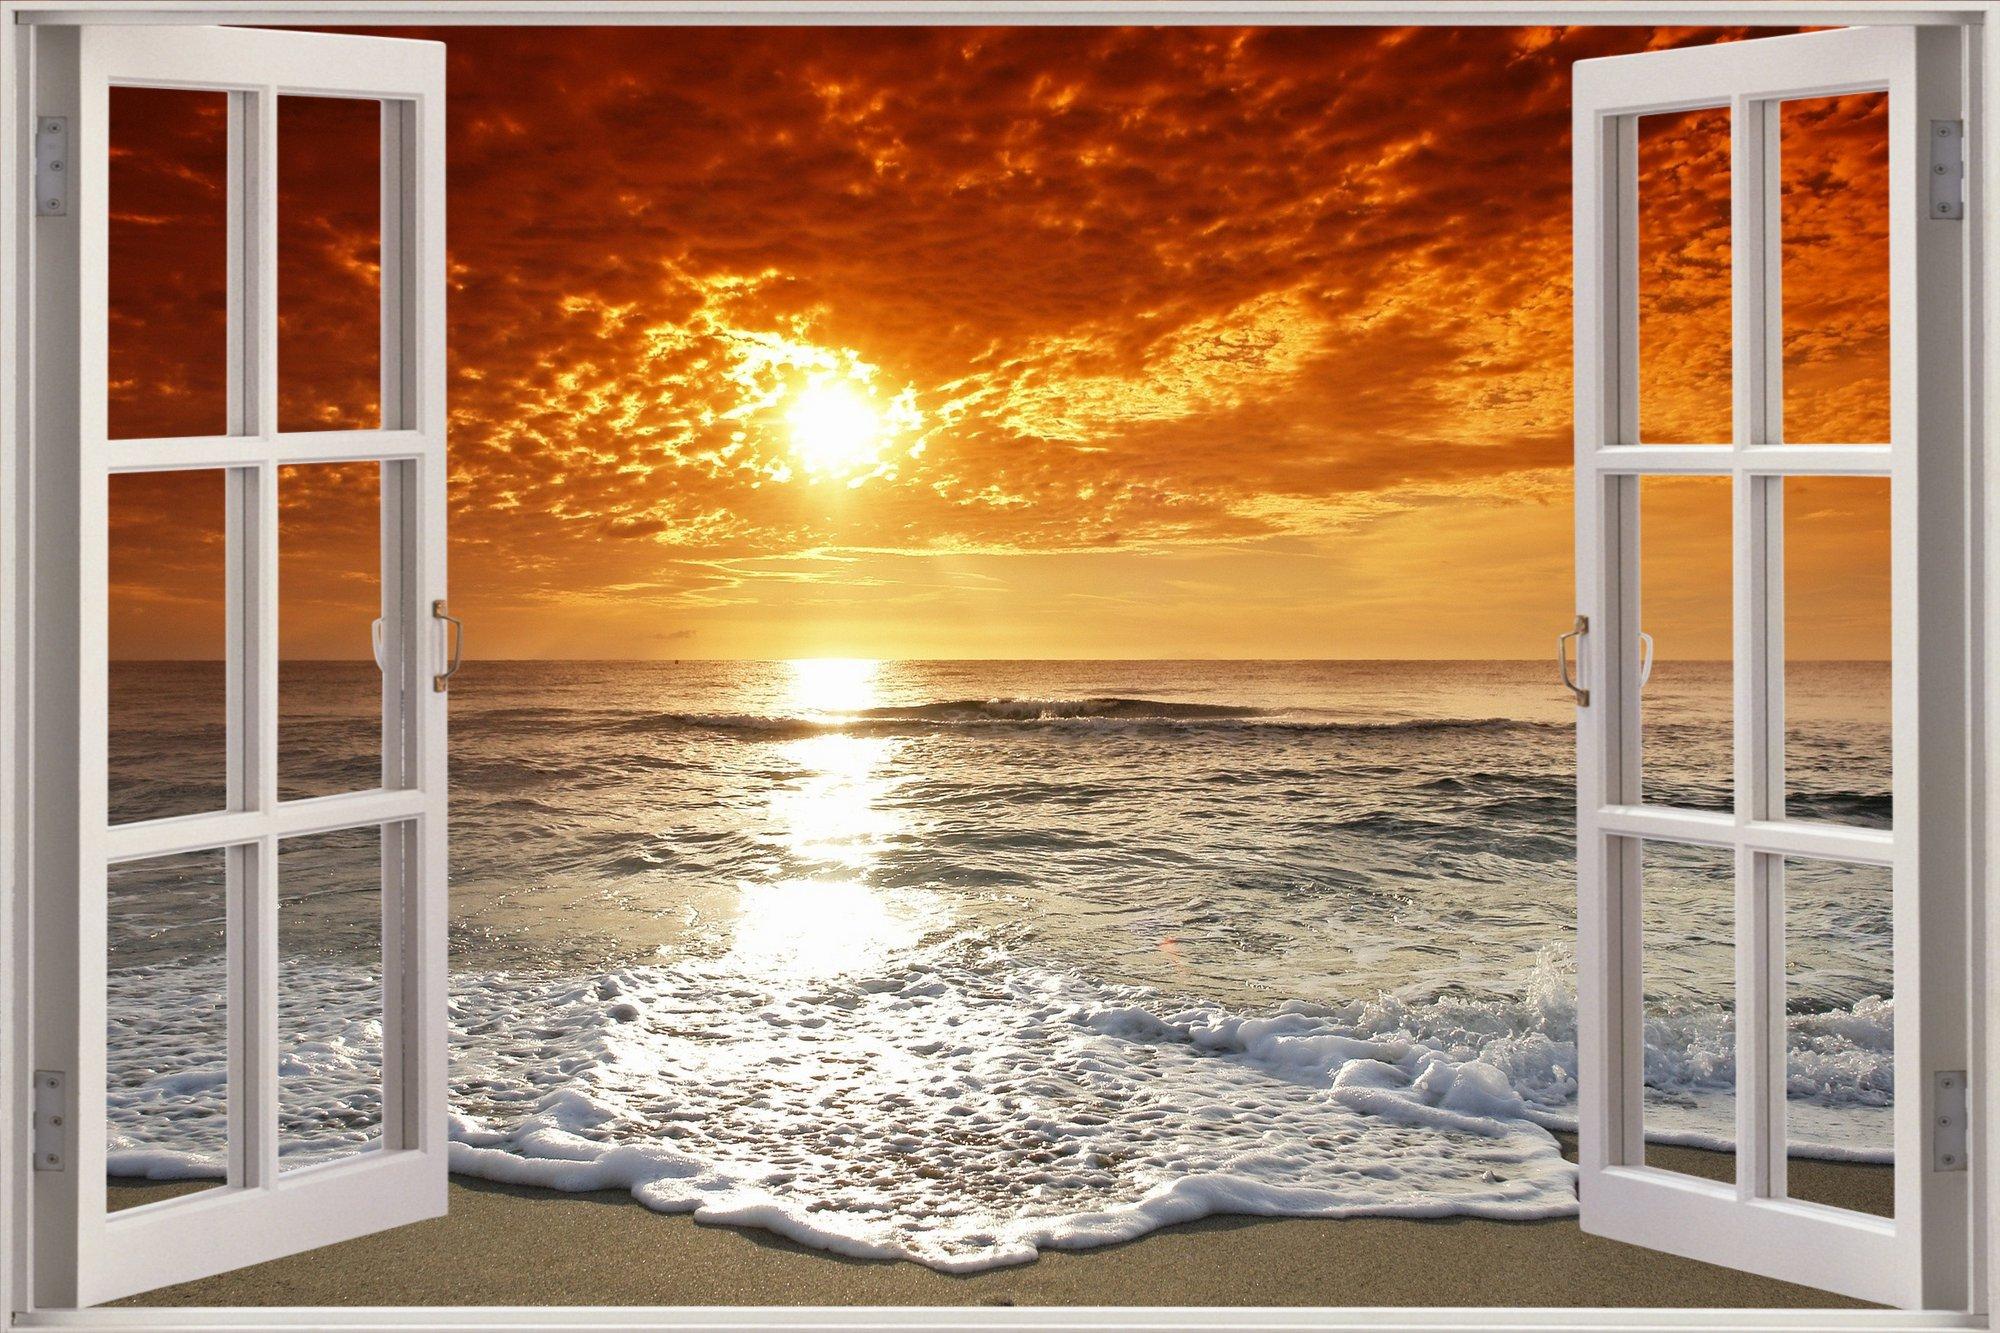 Окно с видом на море картинки